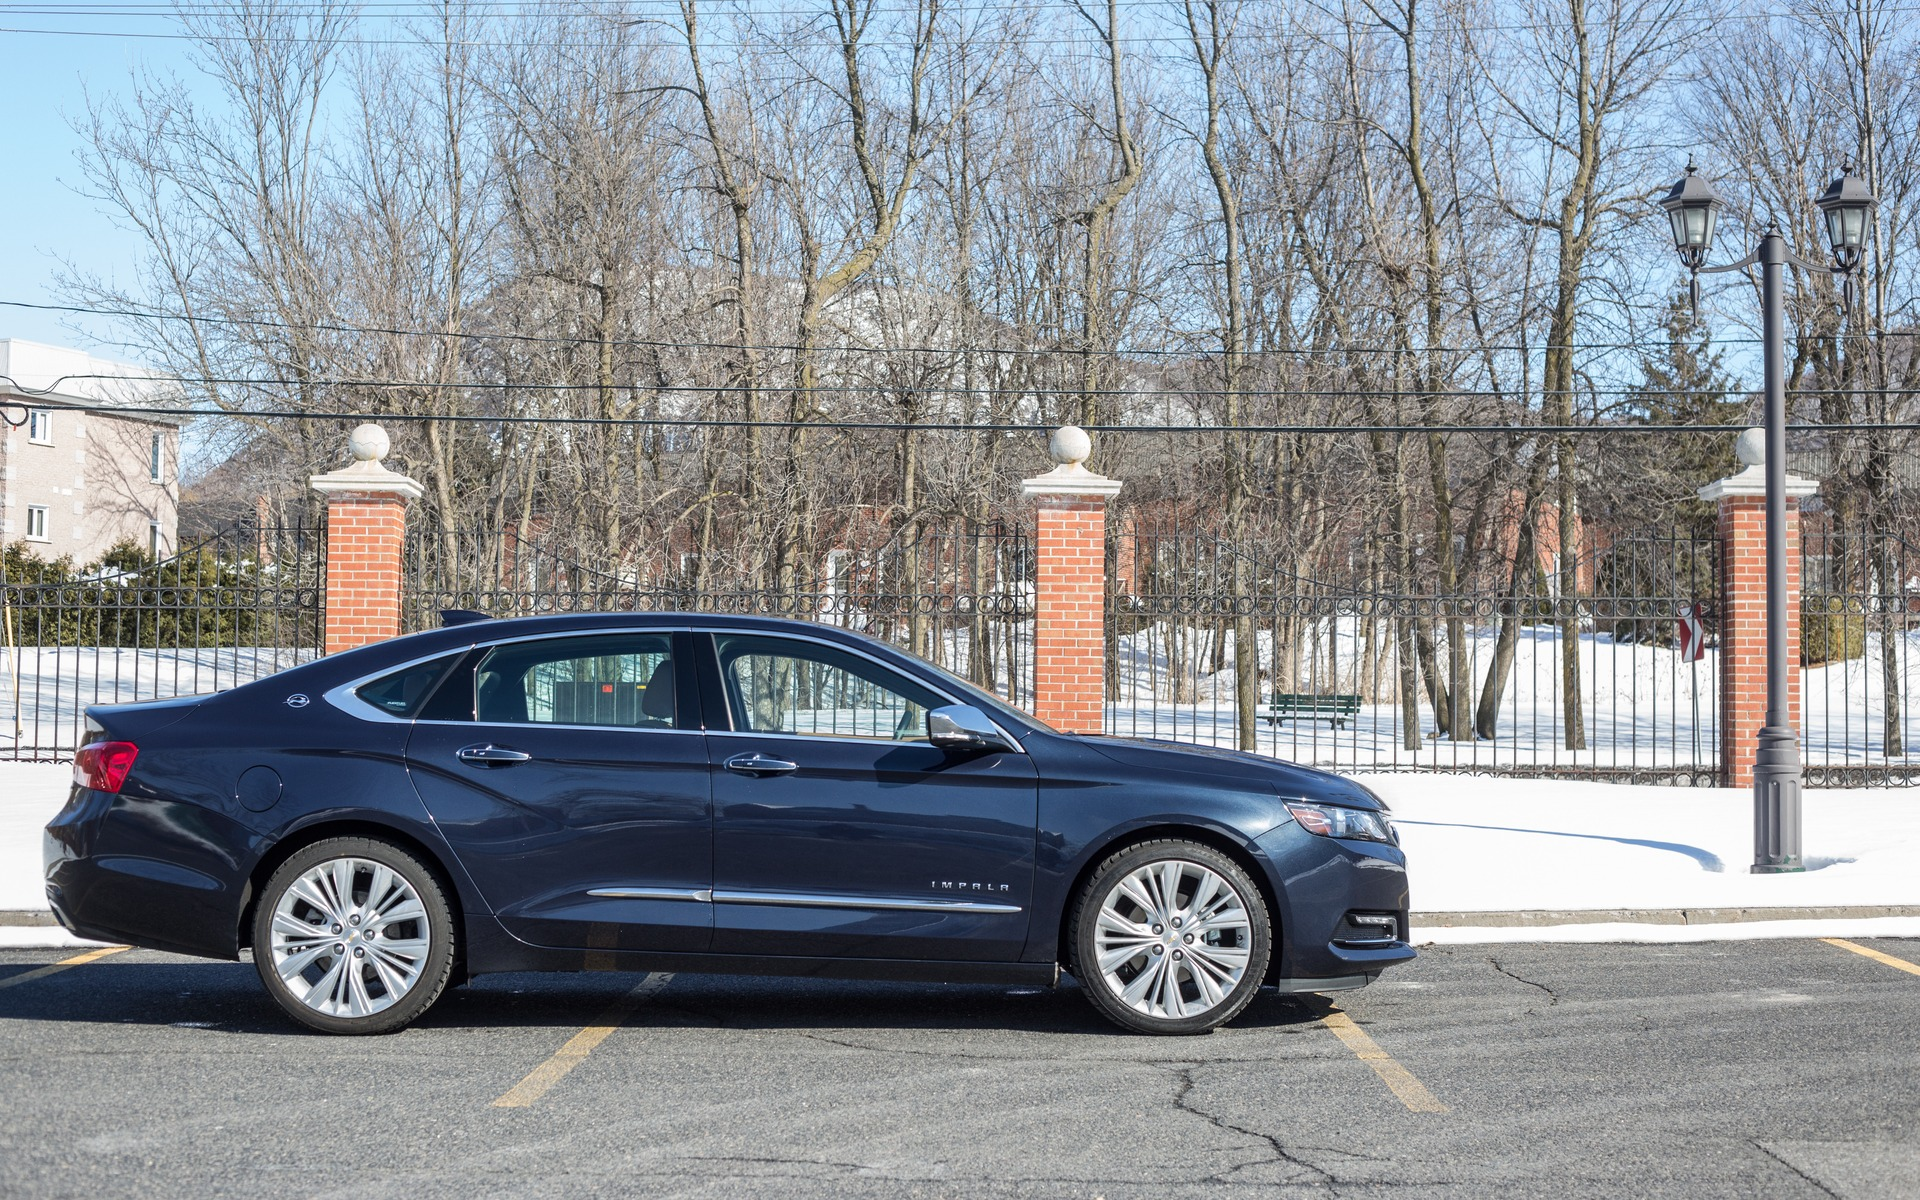 Puisqu'elle est longue et large, l'Impala affiche un profil très chic.